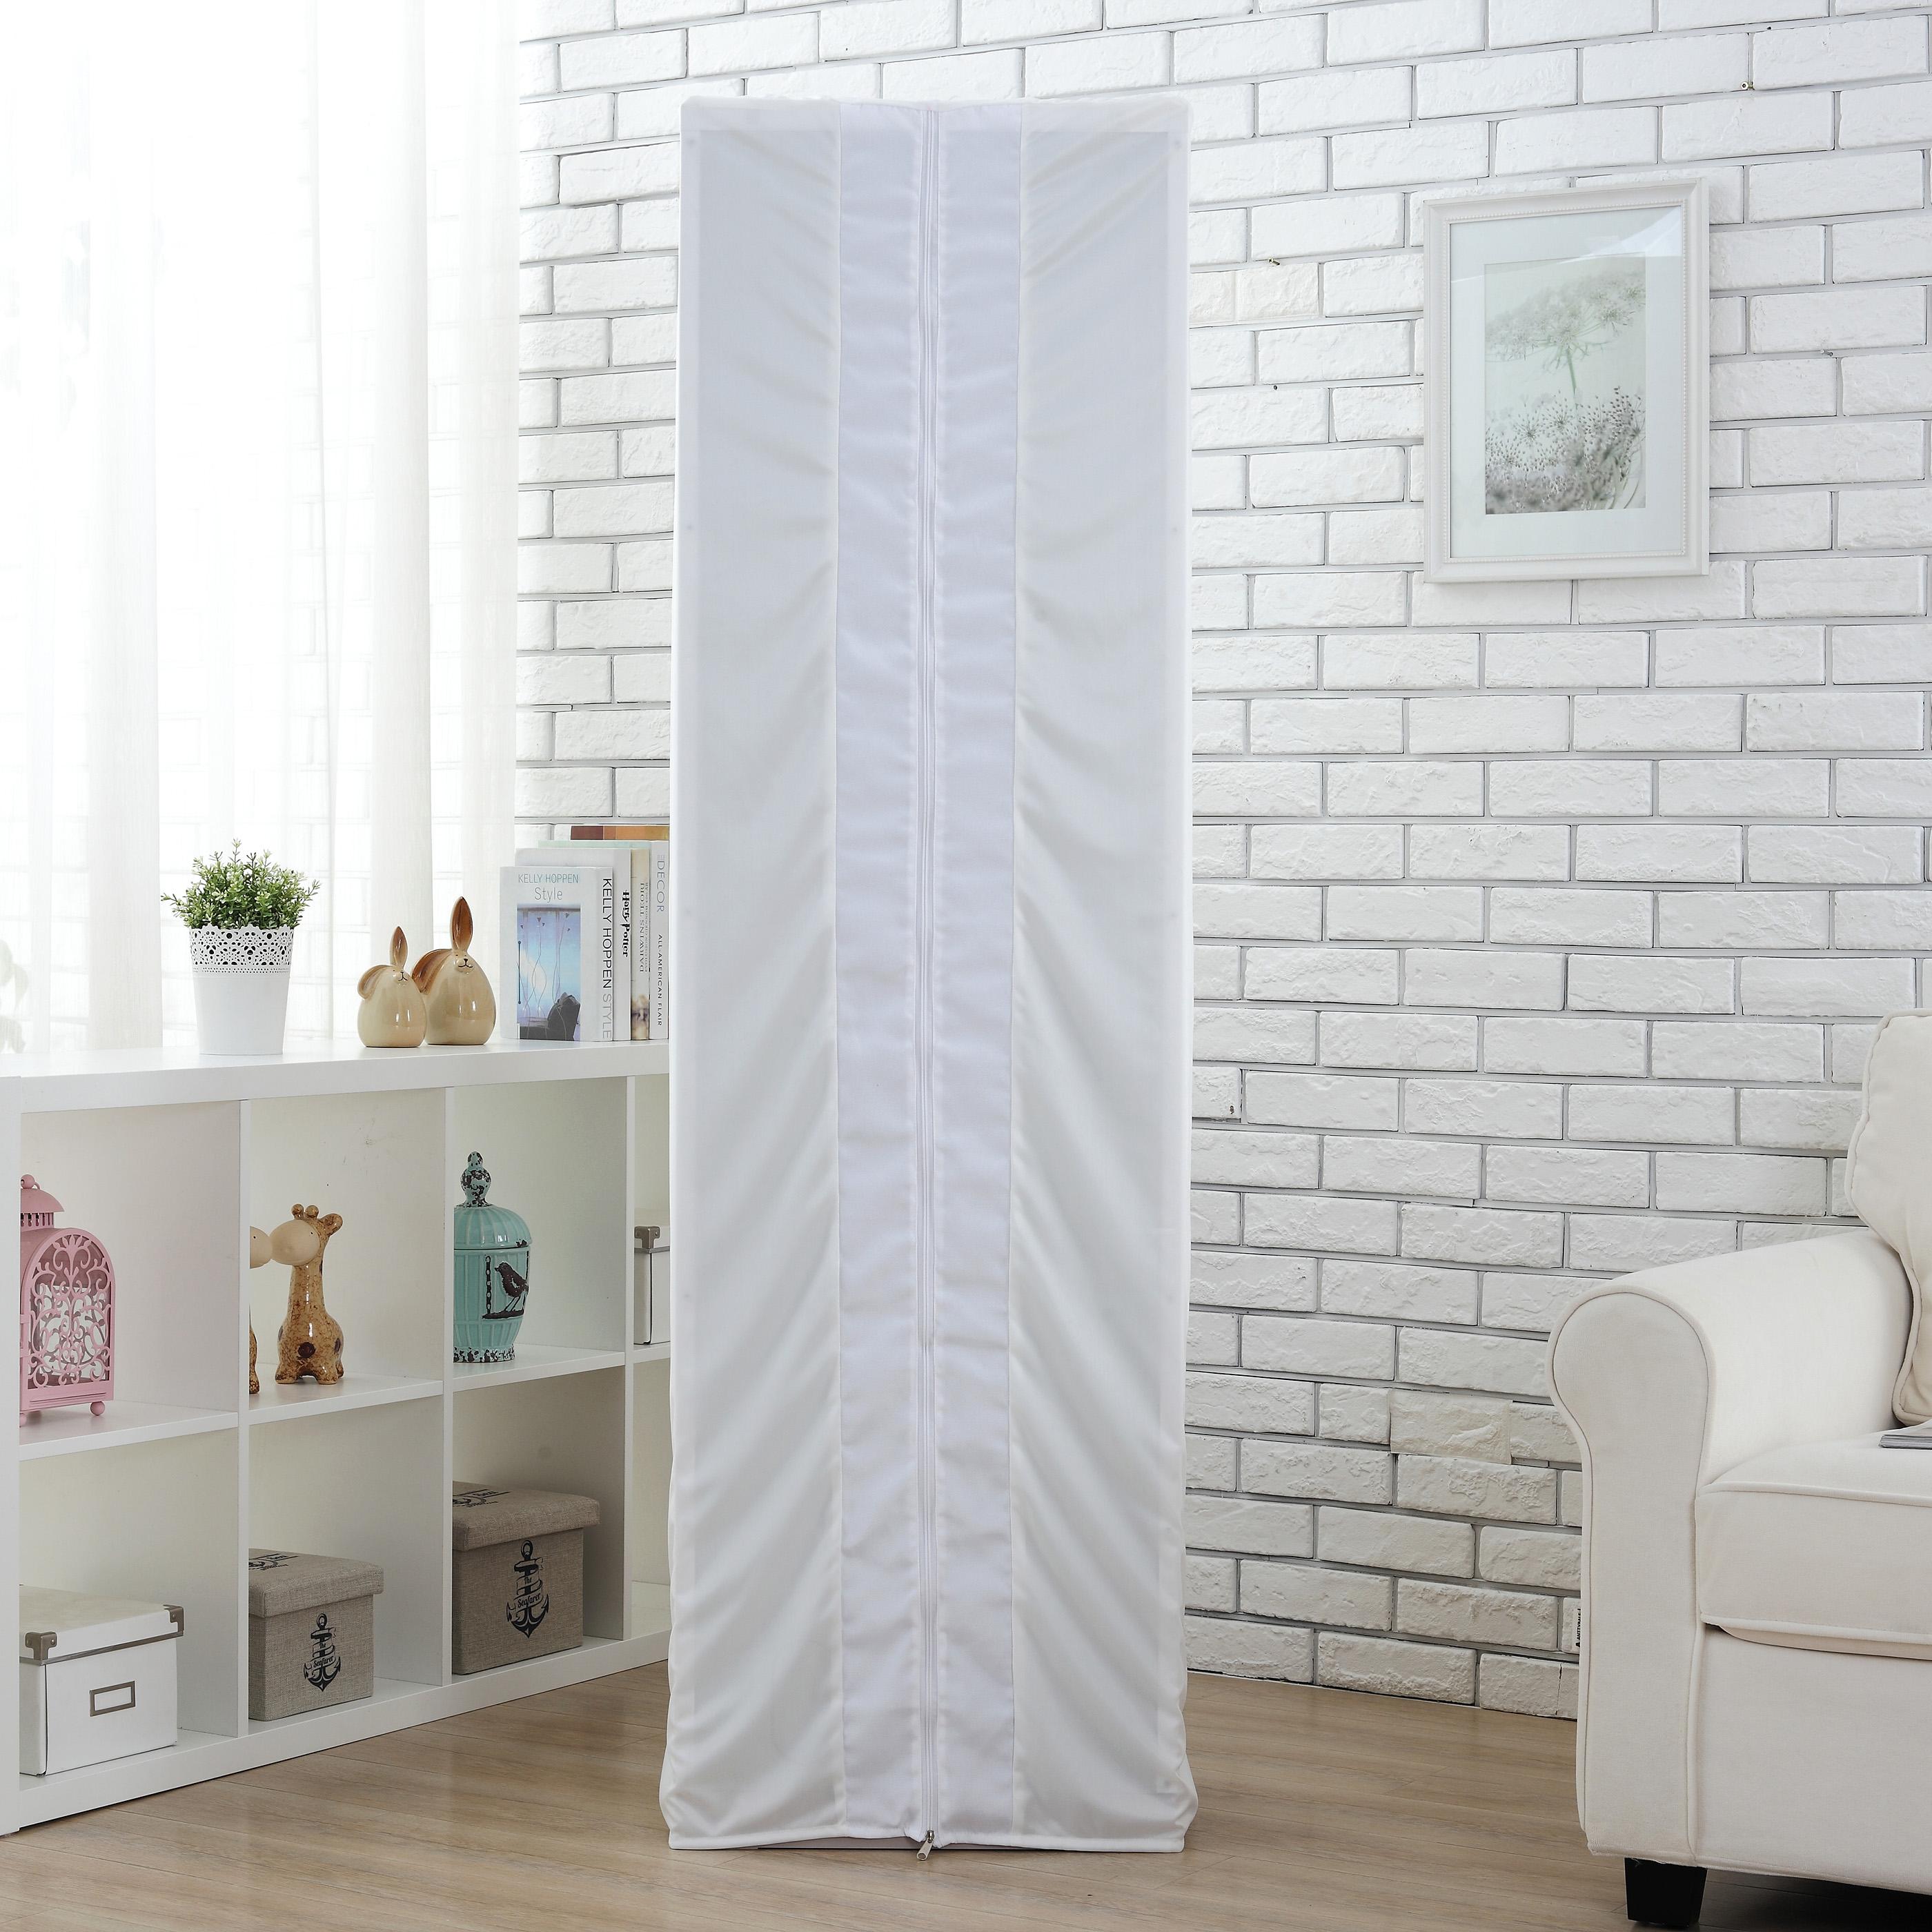 Im Kabinett Kabinett - All - inclusive - GREE - klimaanlage, Decken die modernen stoff Staub 2p große 3P schöne haier